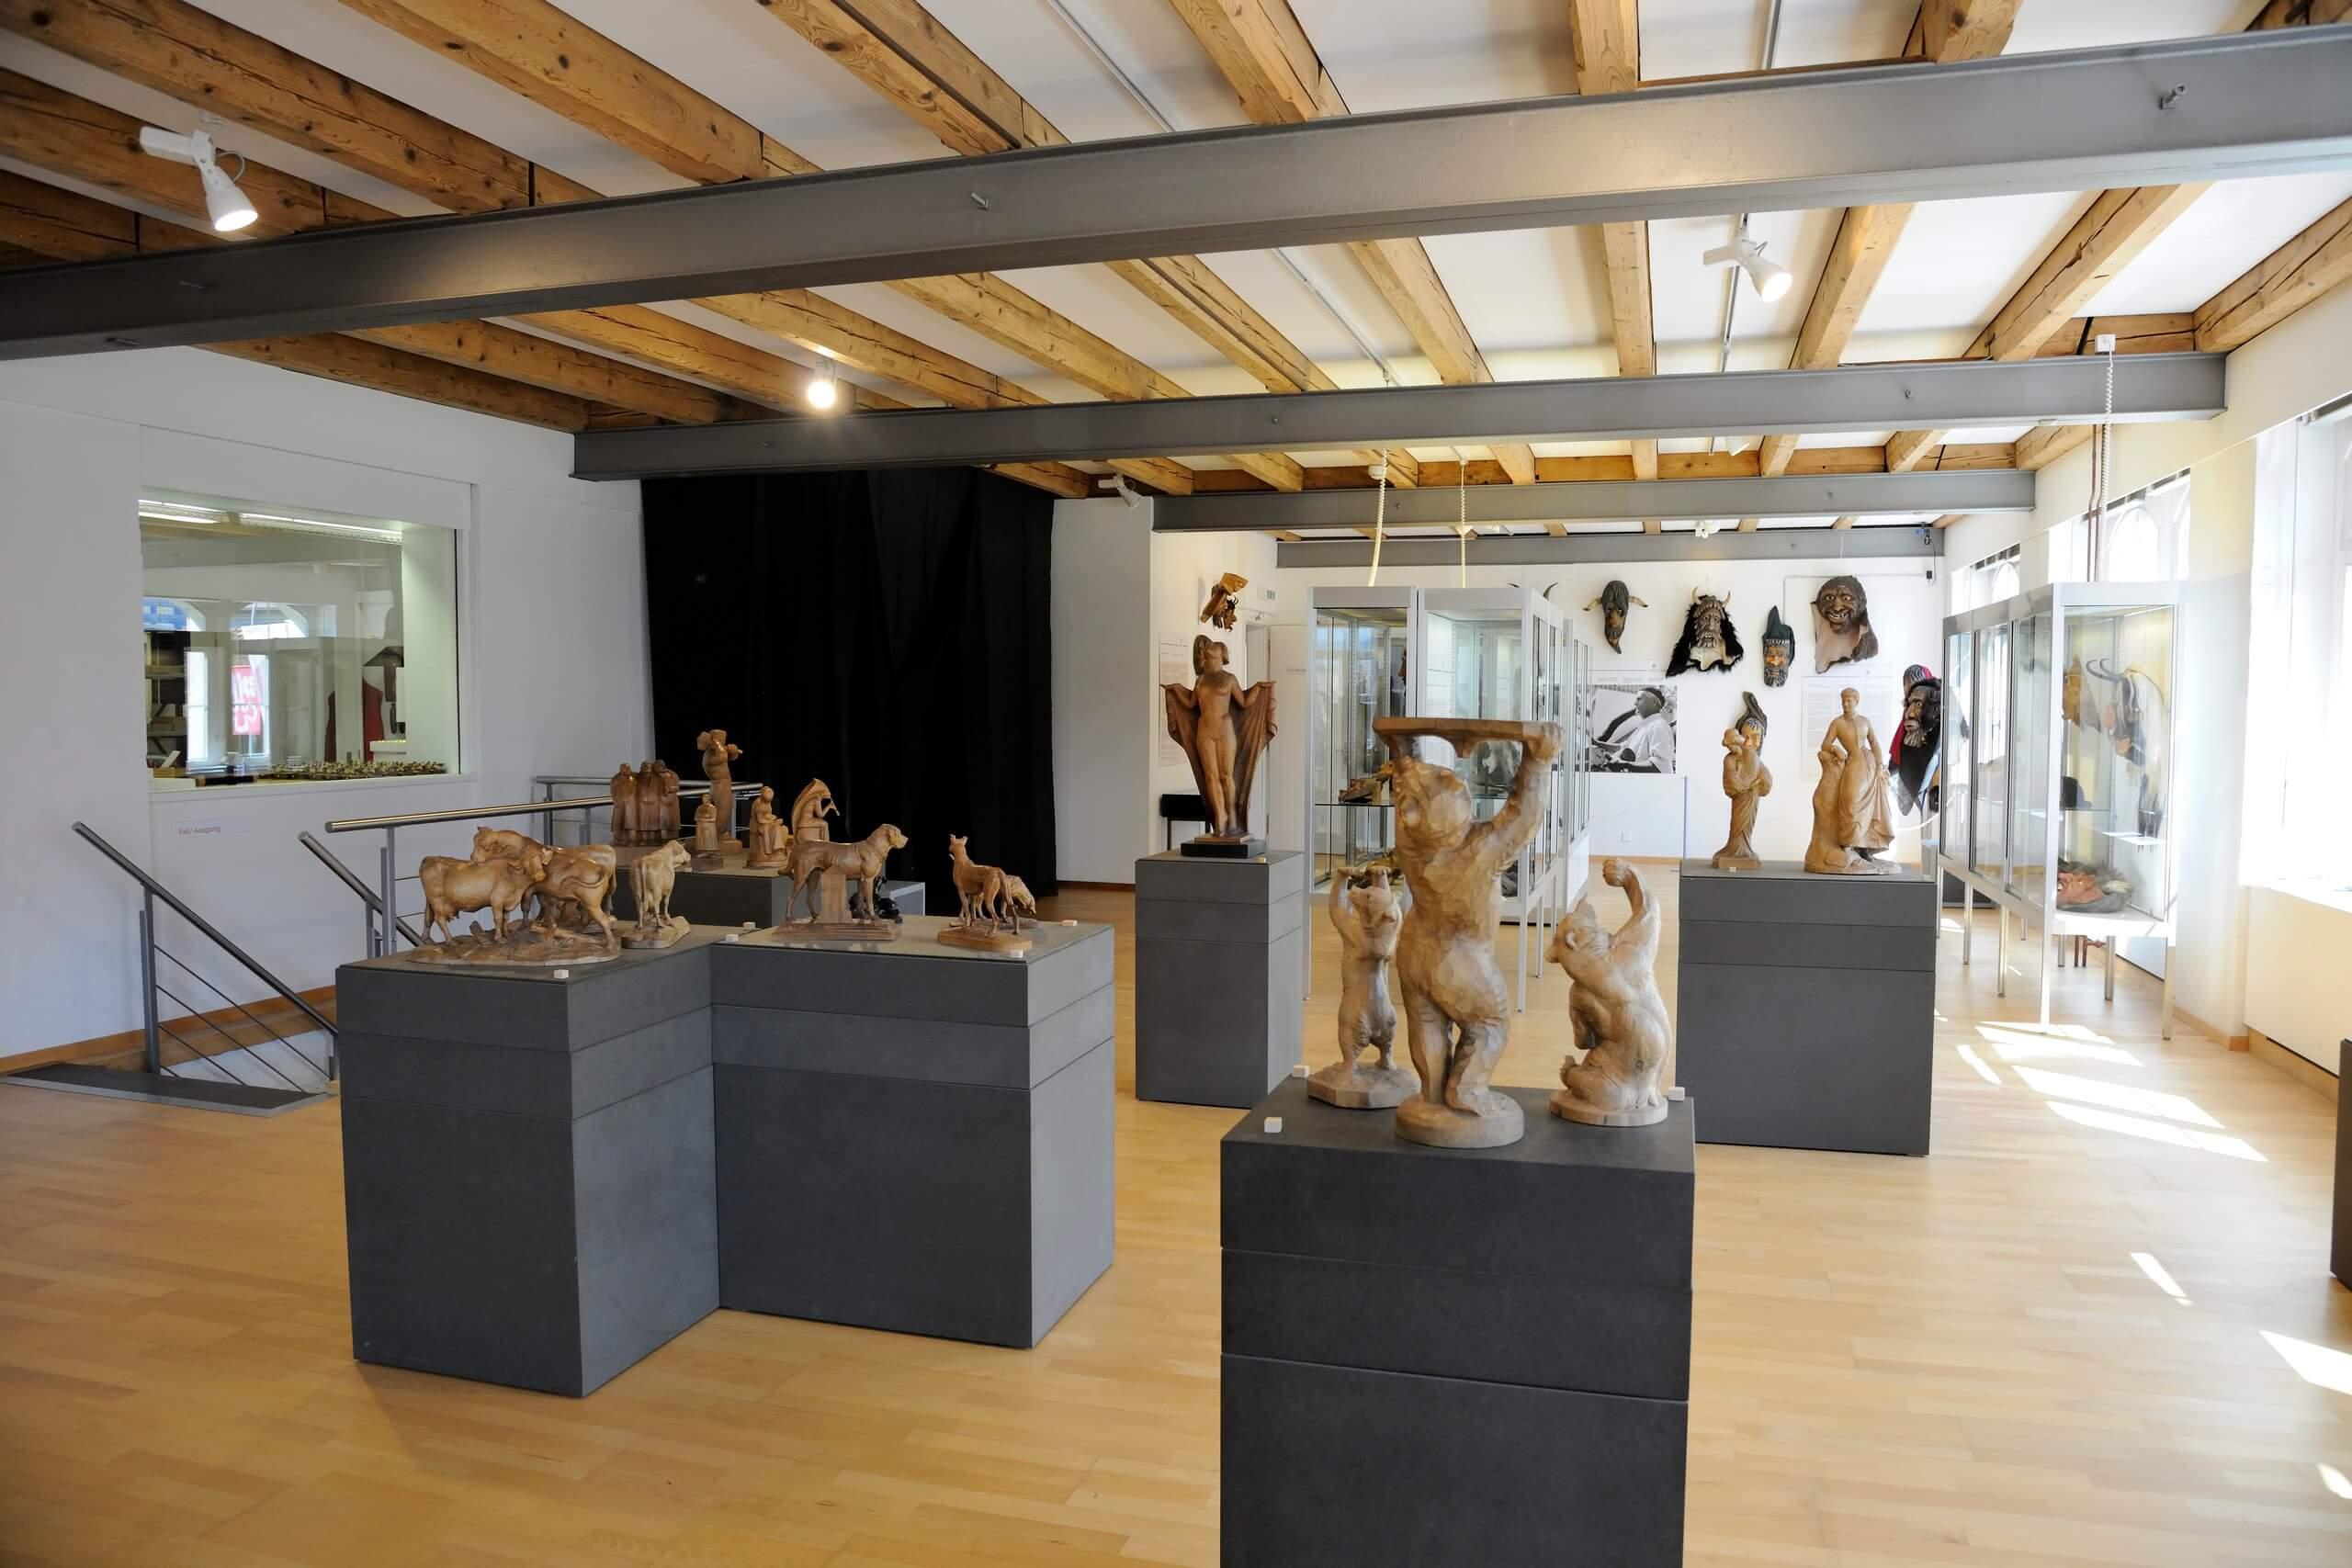 brienz-museum-holzbildhauerei-ausstellung-raum